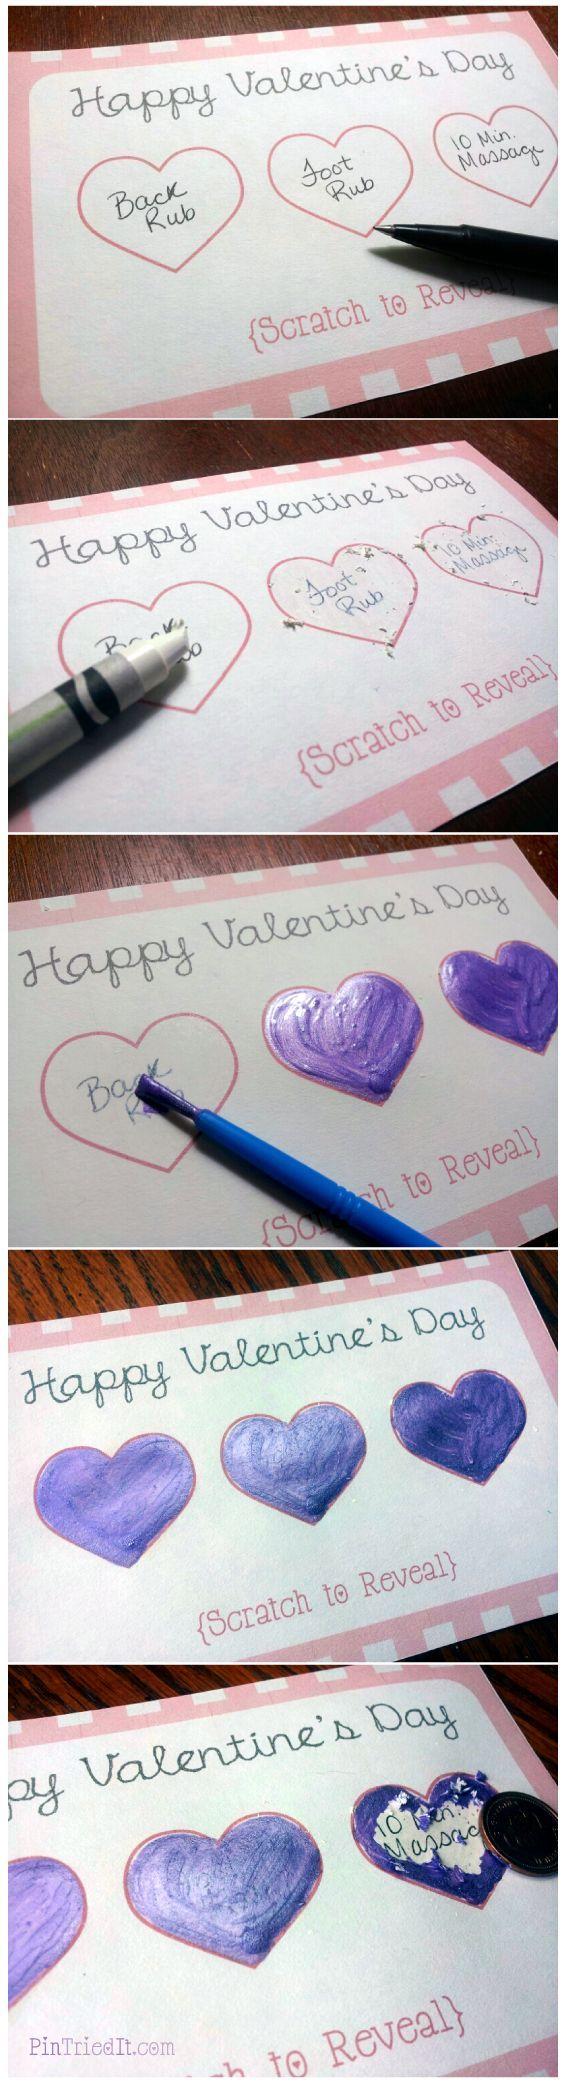 Valentine's Day Scratch Off Ticket.